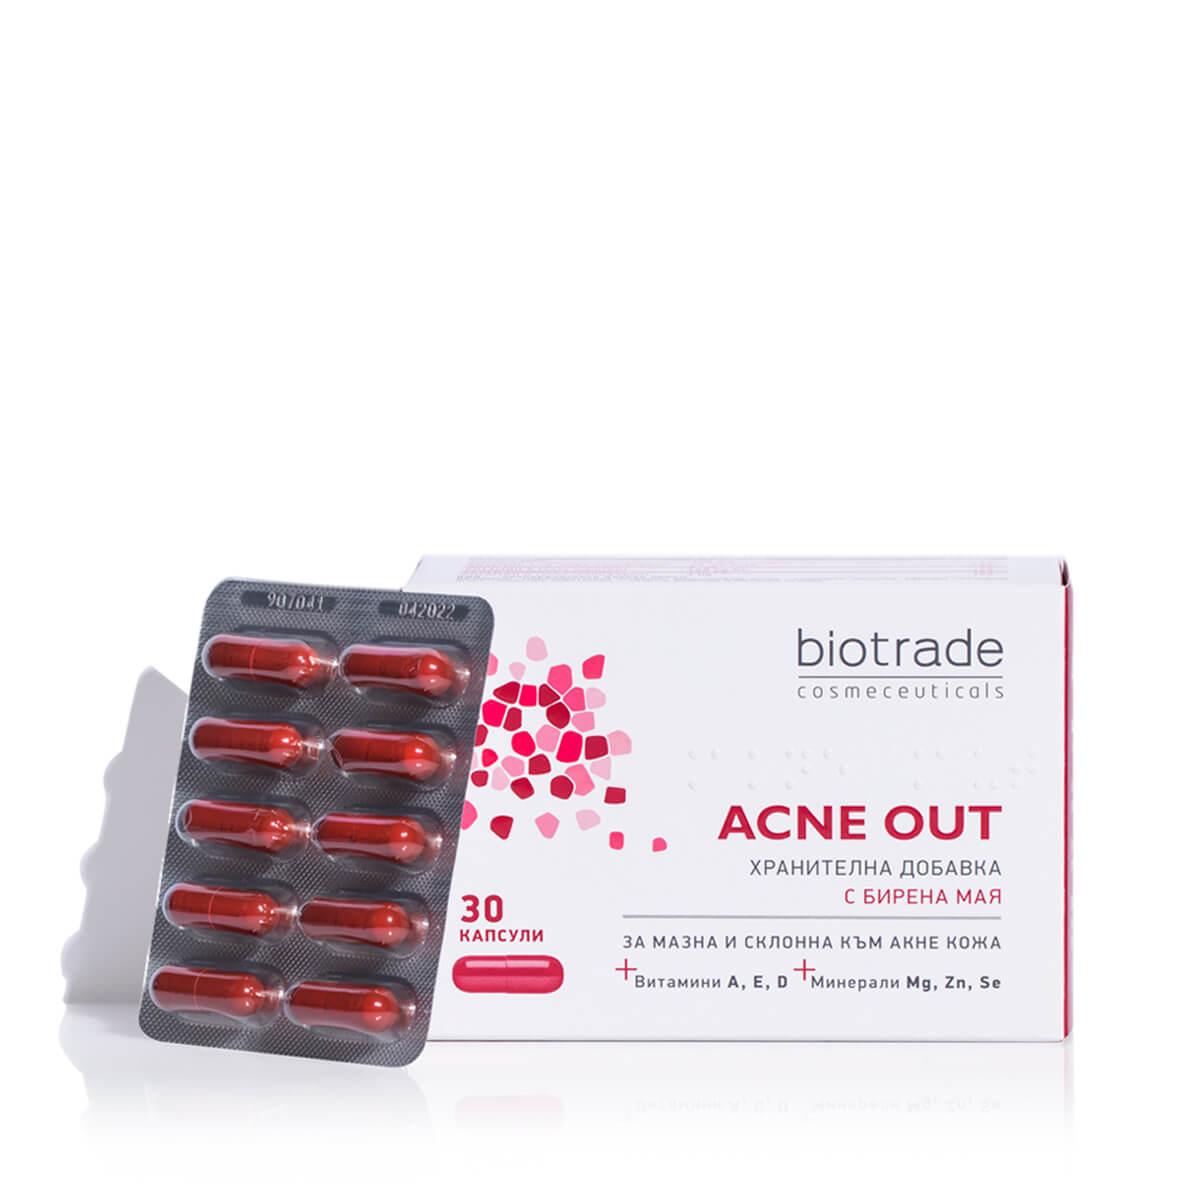 Acne Out хранителна добавка